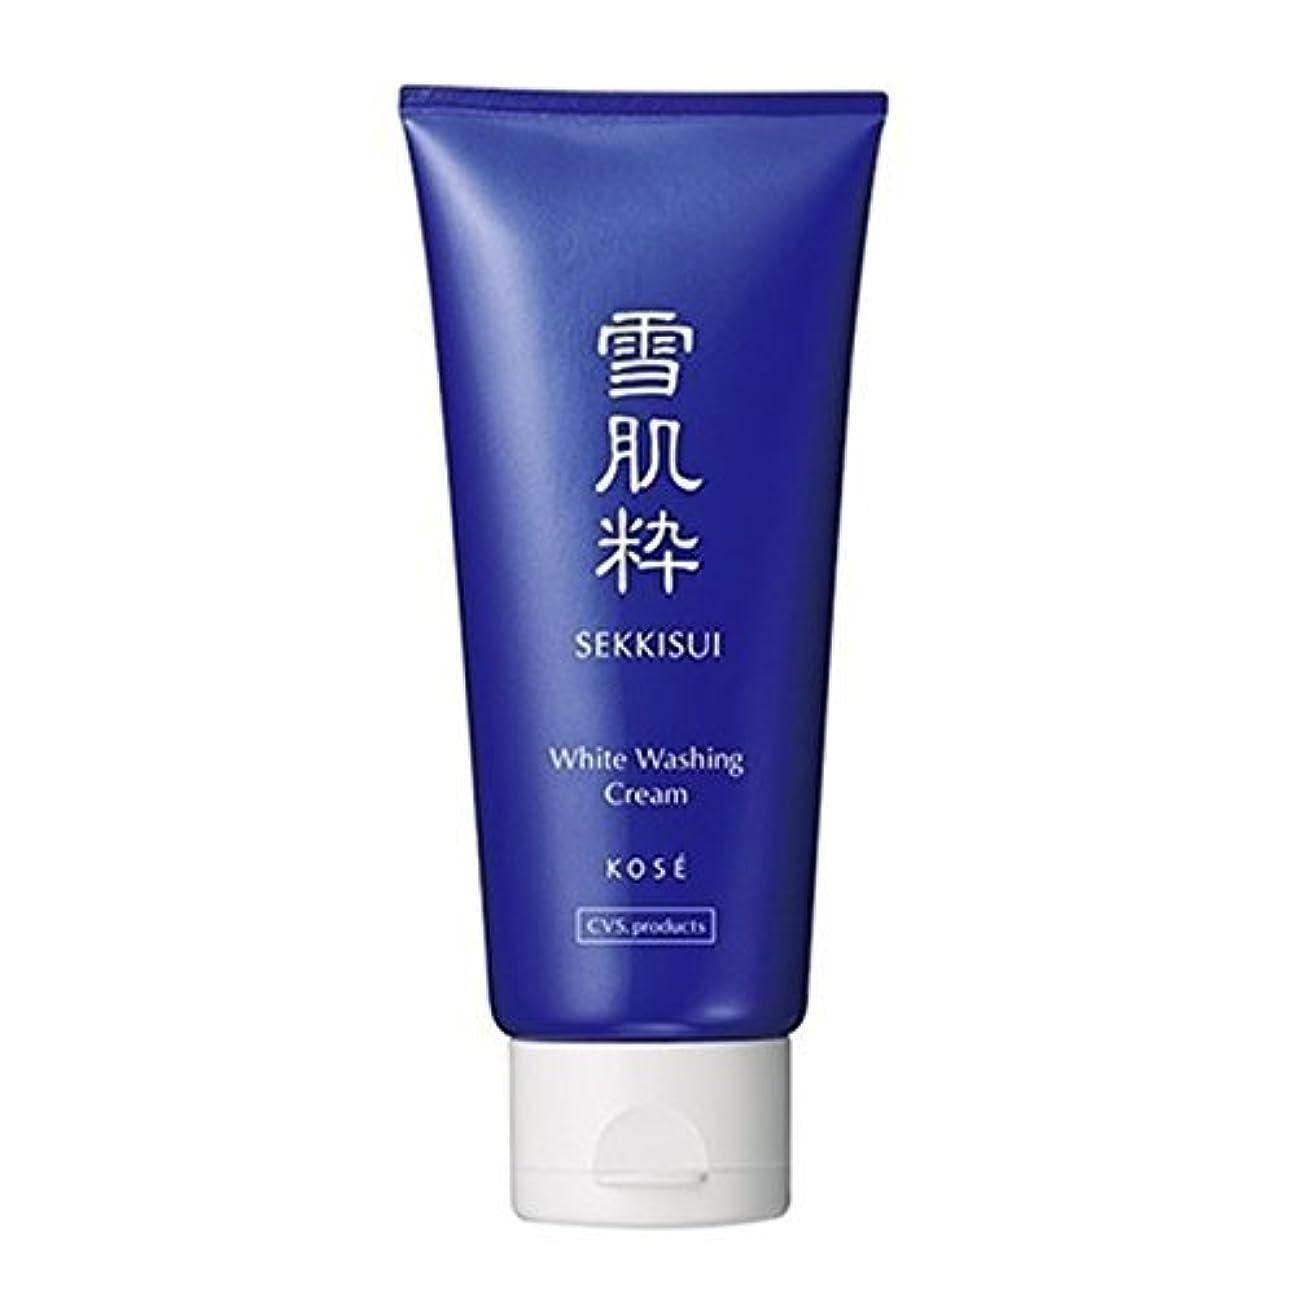 書士勇気のある辞任コーセー 雪肌粋 ホワイト洗顔クリーム Kose Sekkisui White Washing Cream 80g×3本